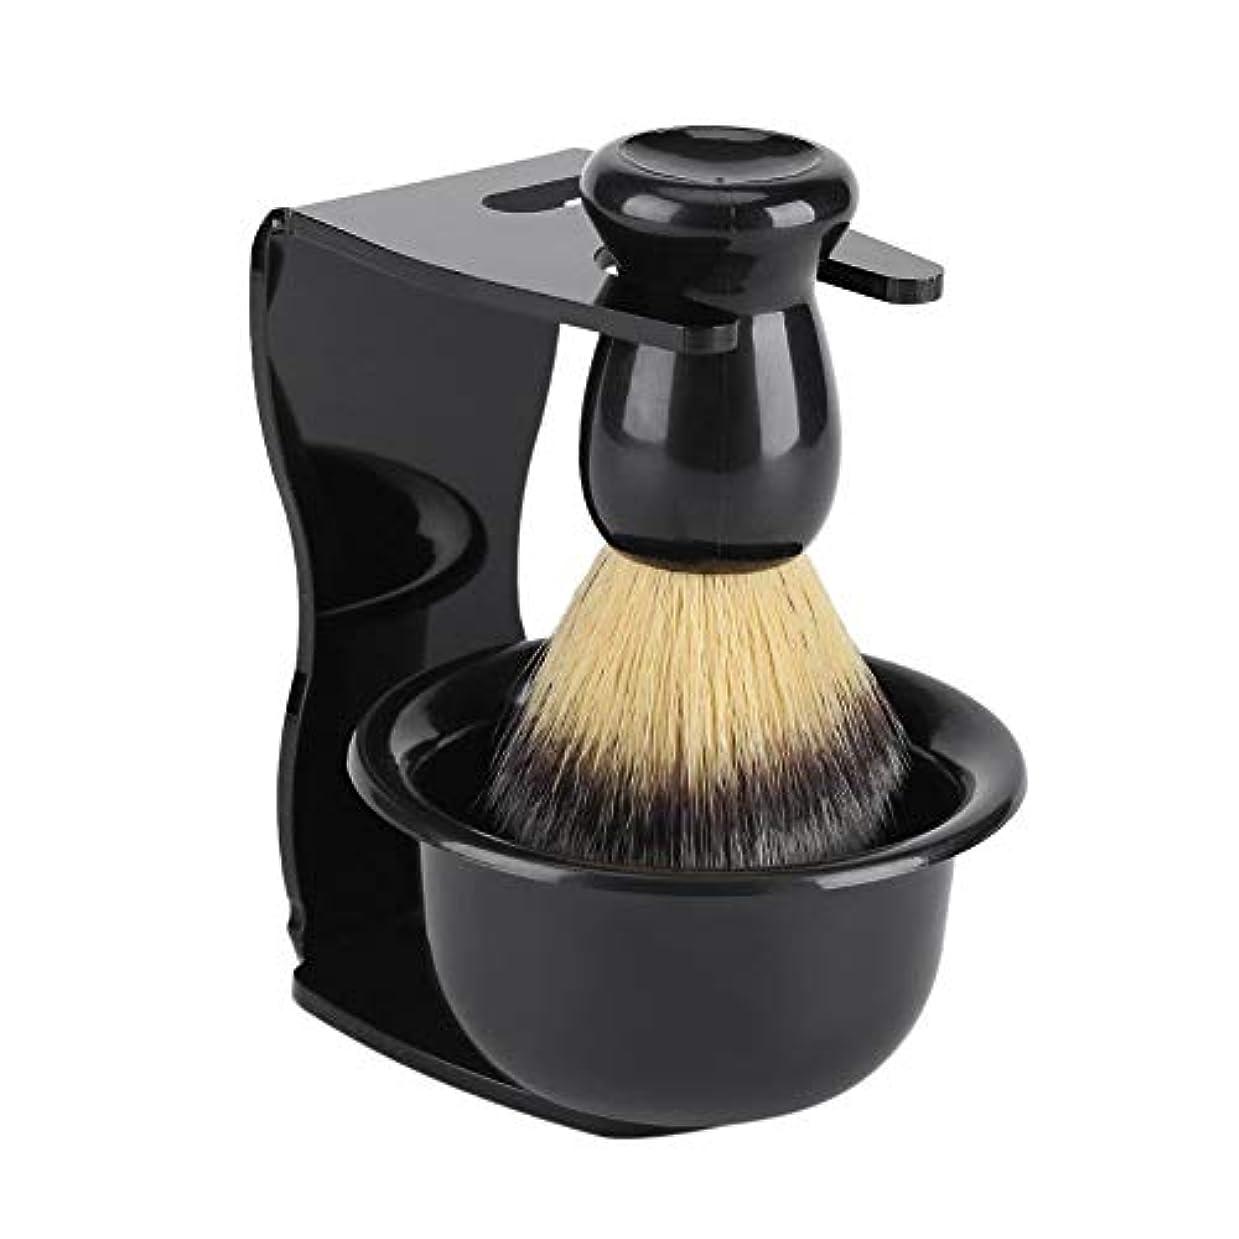 咲く人気制限する3セットひげブラシ シェービングブラシ プレゼントシェービングブラシセット プラシスタンド 石鹸ボウル 理容 洗顔 髭剃り